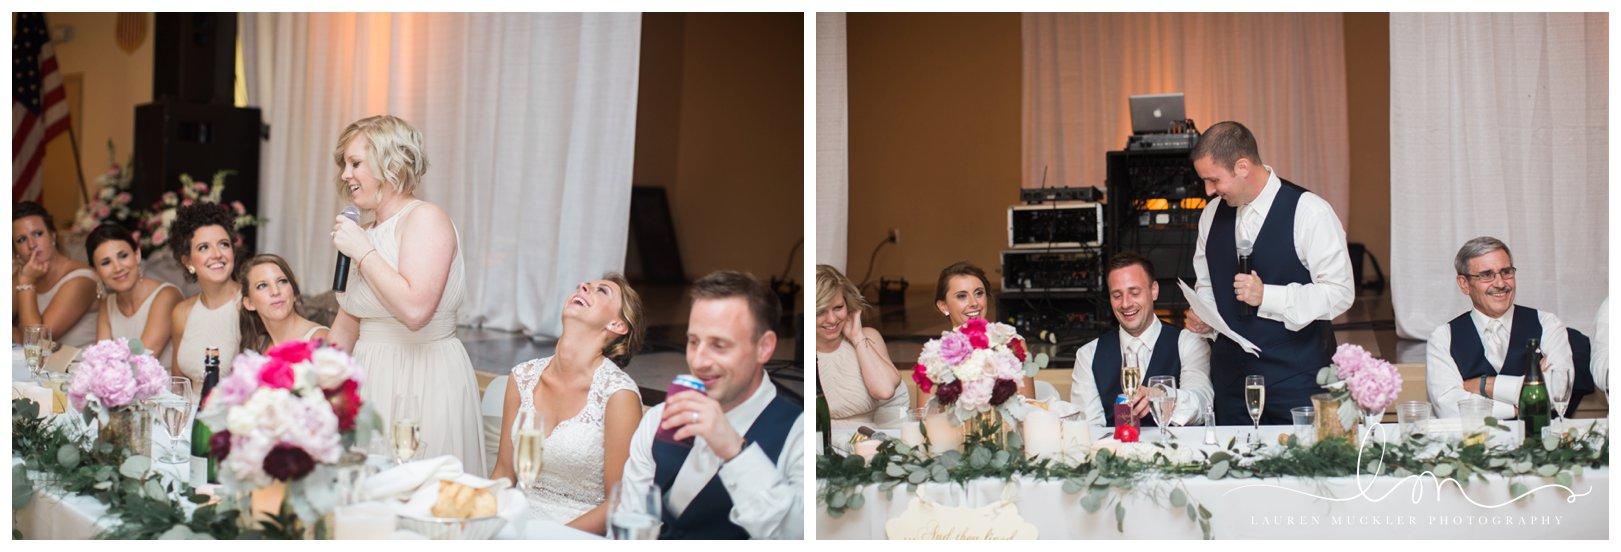 lauren muckler photography_fine art film wedding photography_st louis_photography_0498.jpg